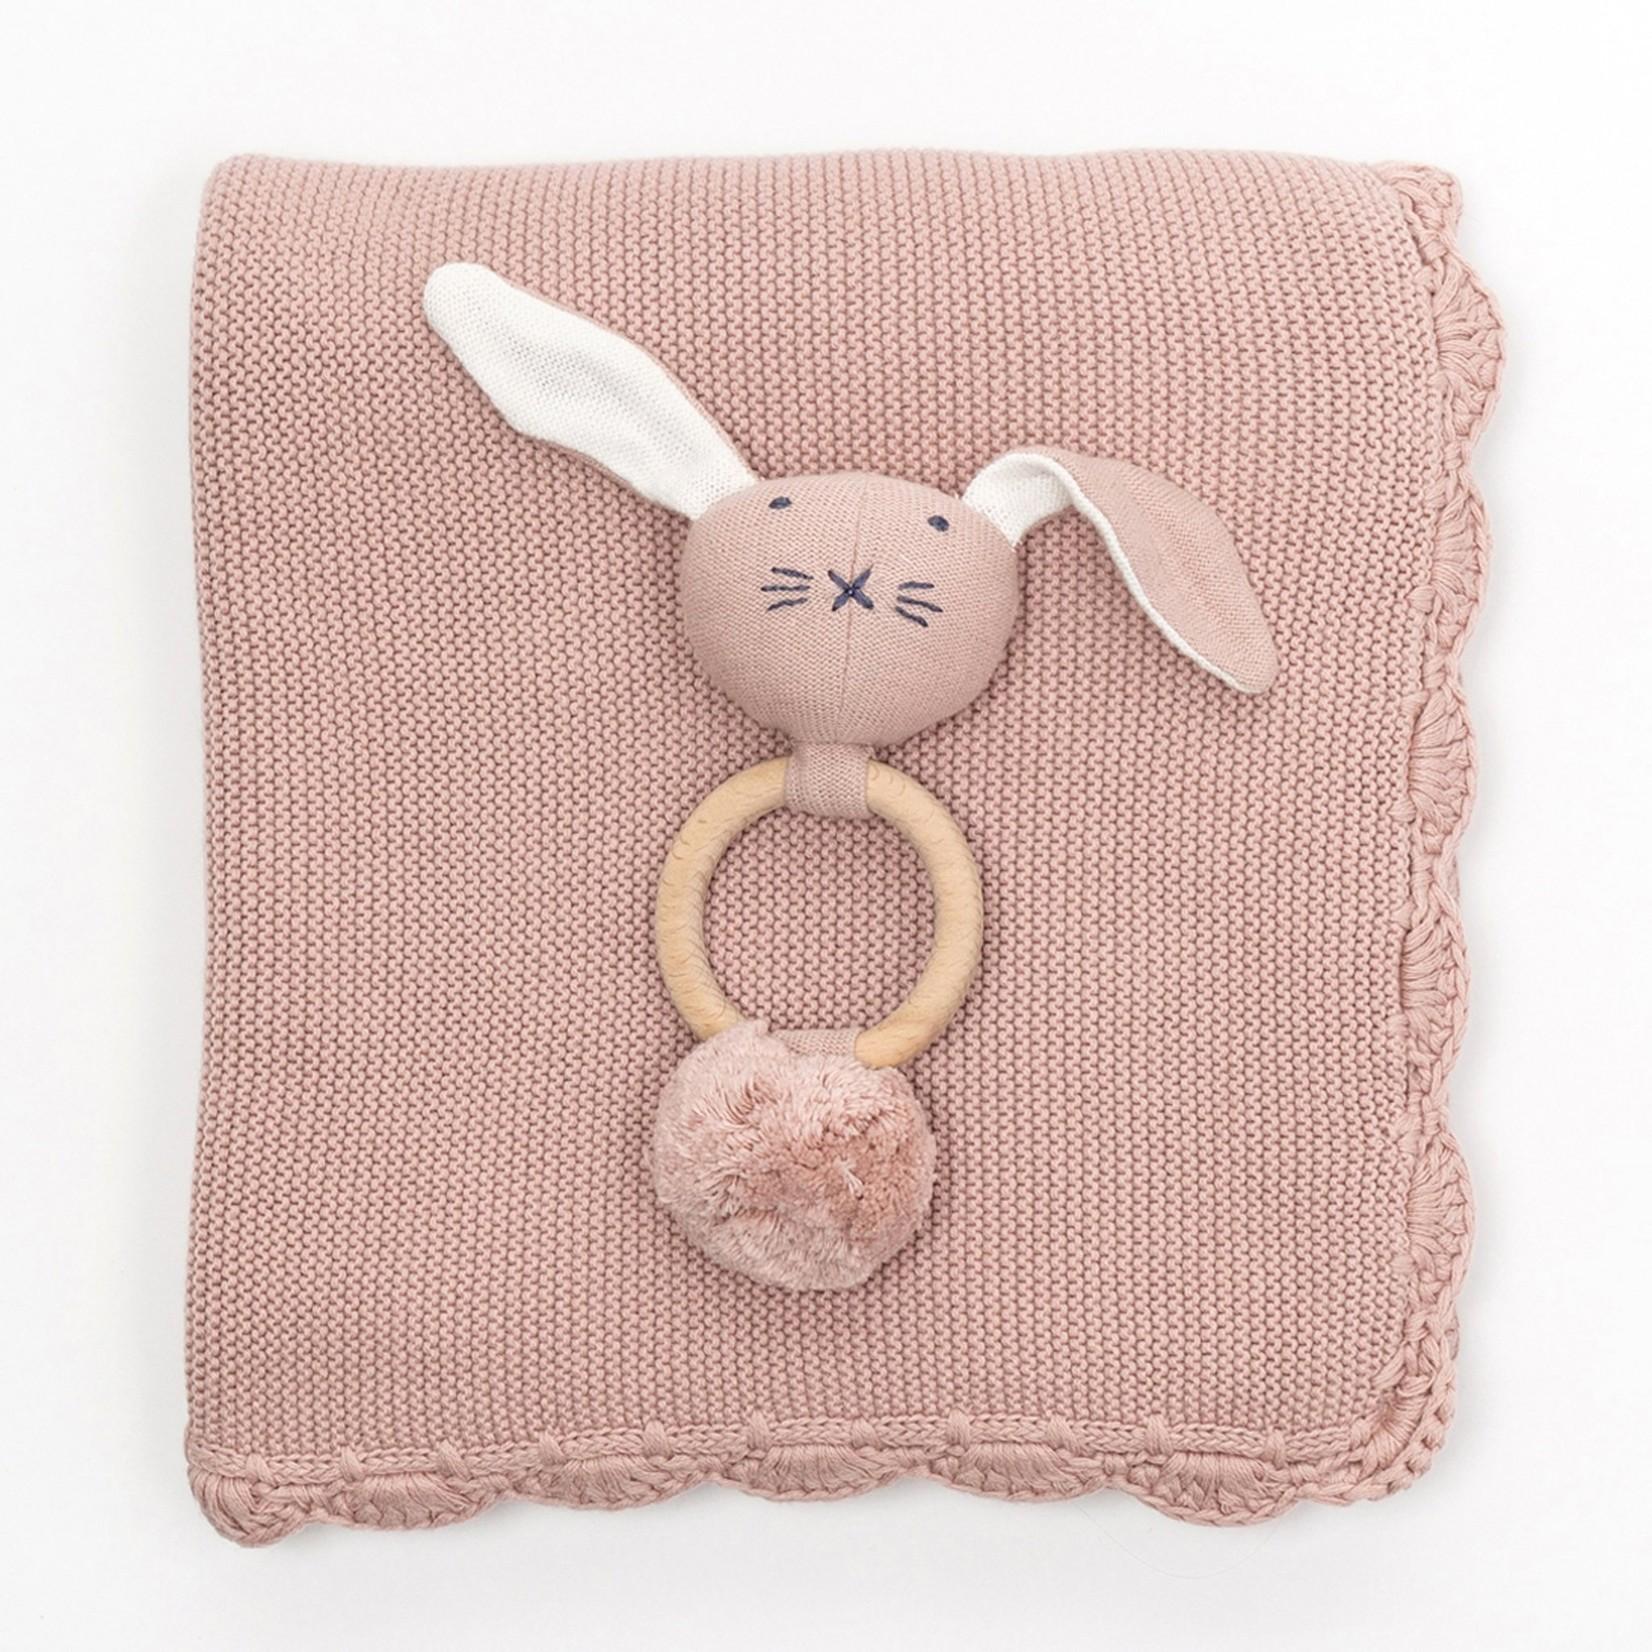 Zestt Organic Cotton Heirloom Baby Gift Set